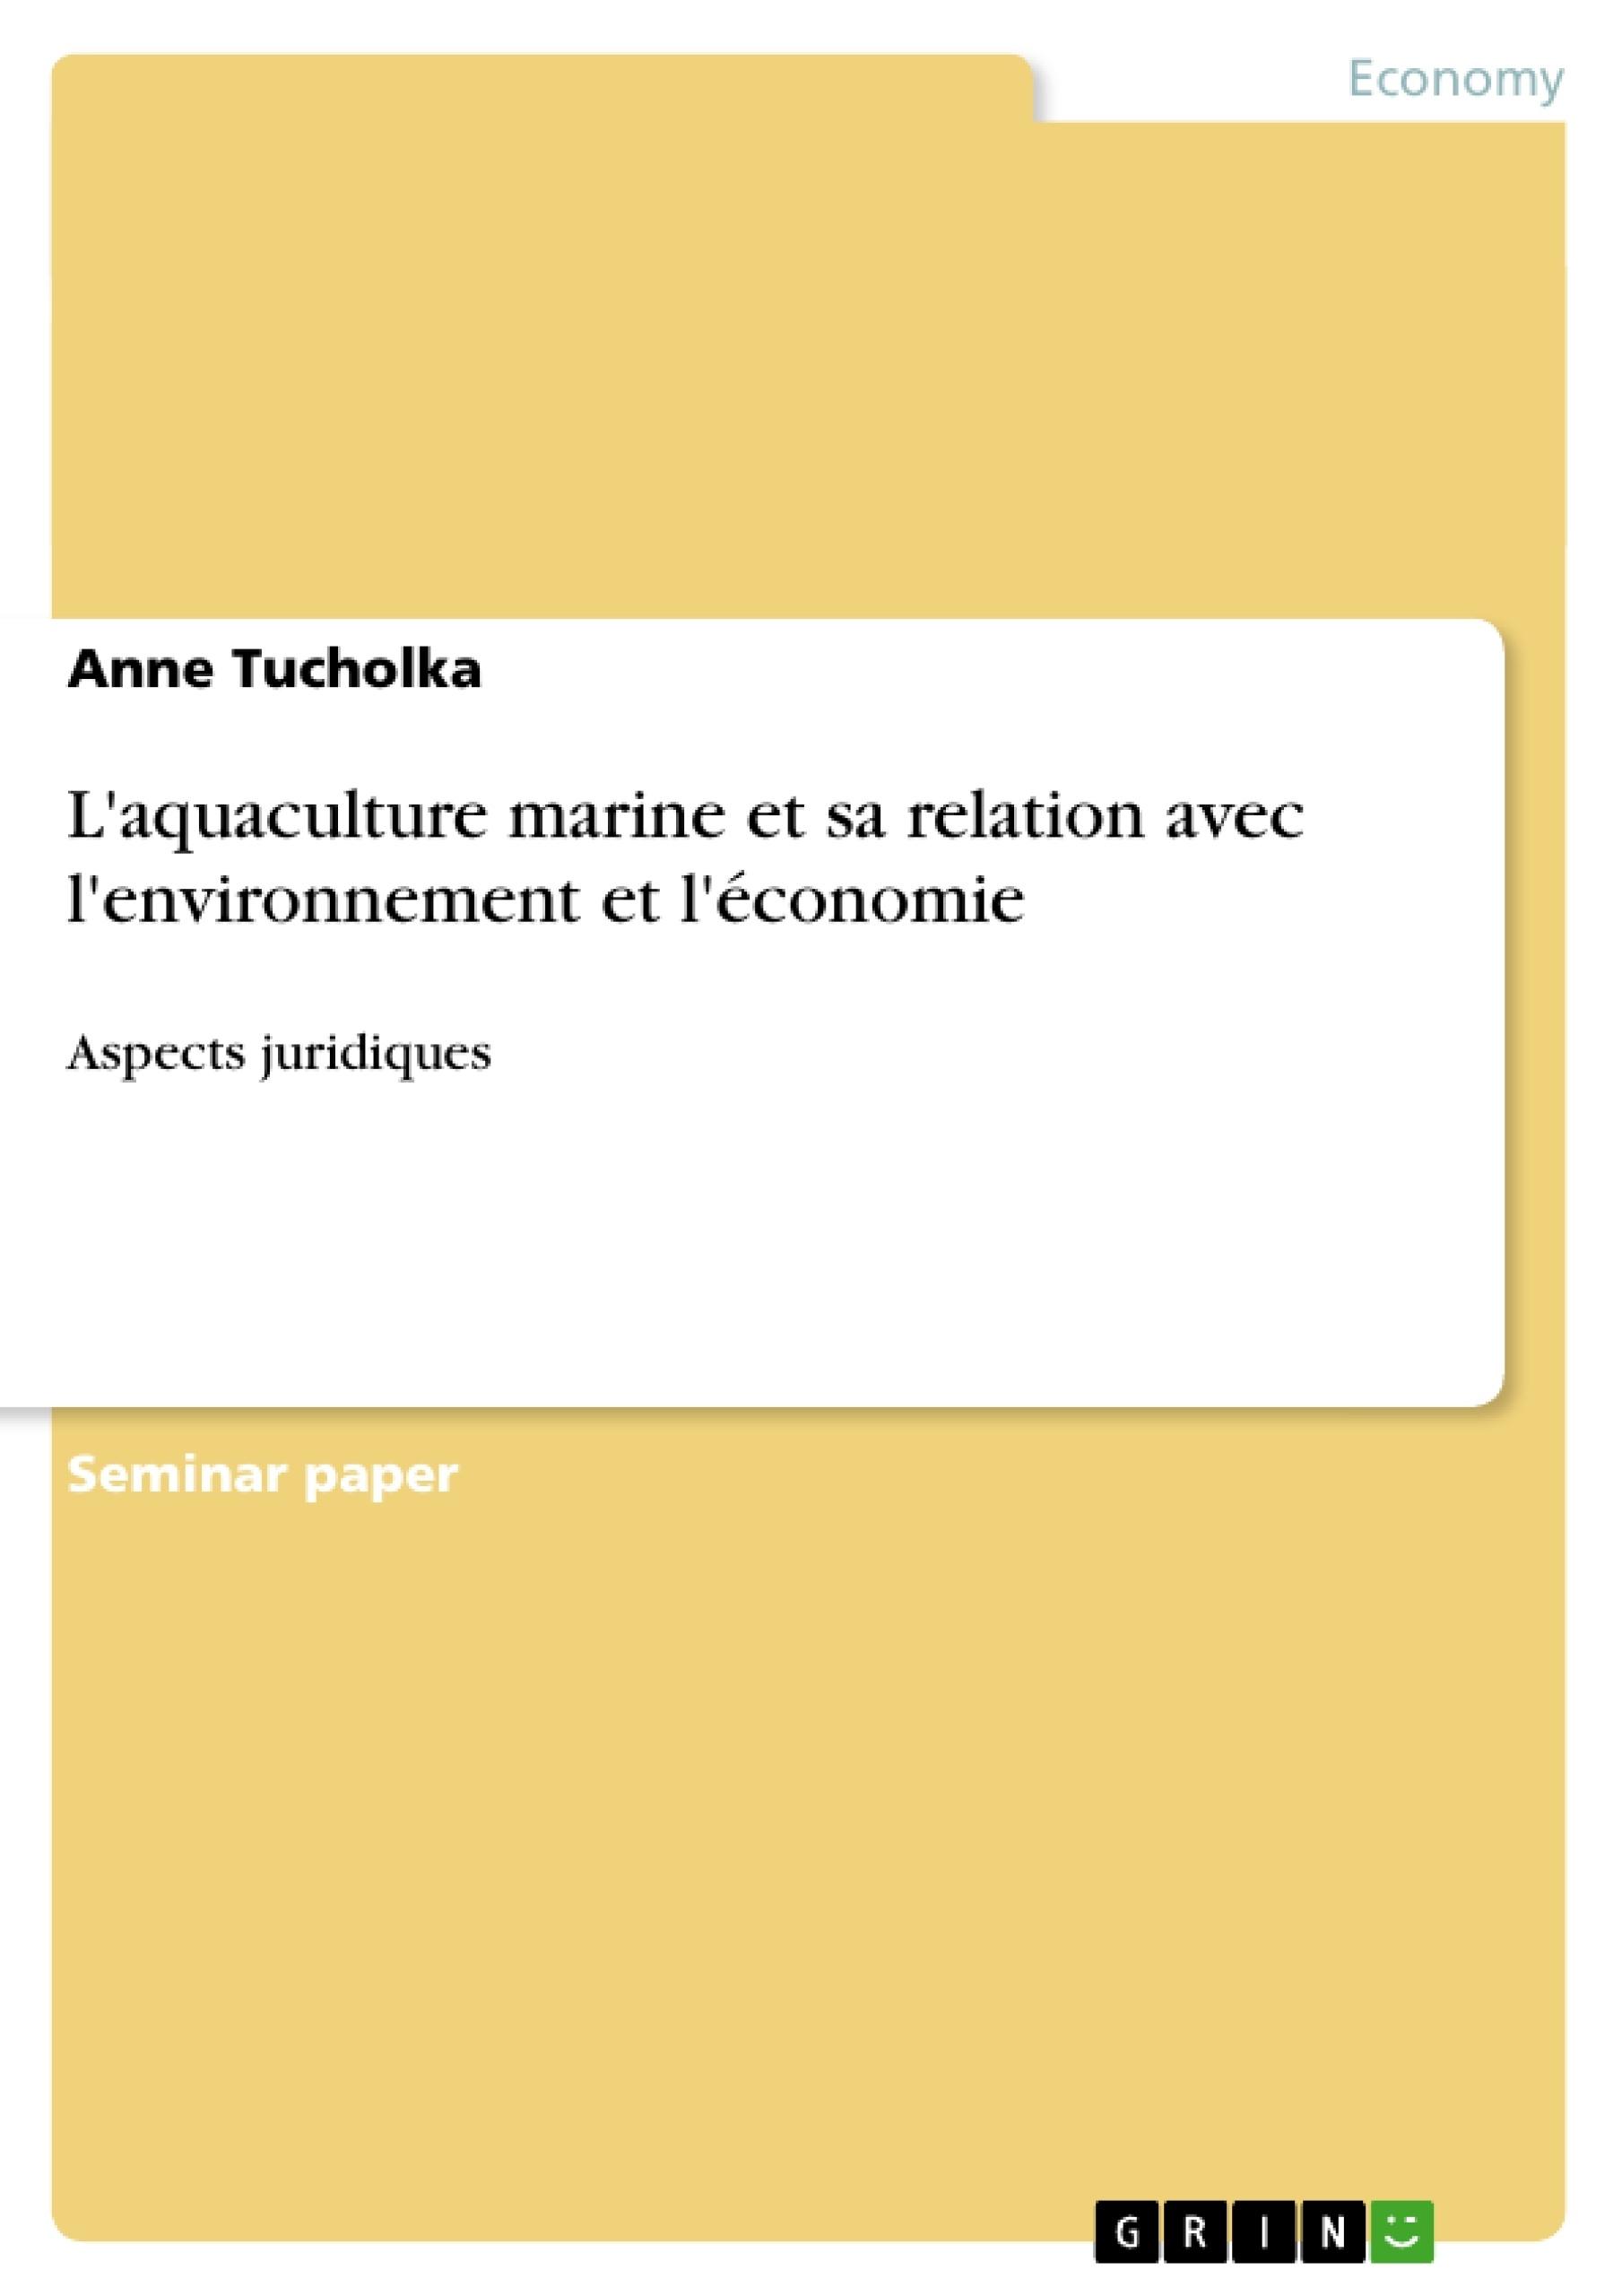 Titre: L'aquaculture marine et sa relation avec l'environnement et l'économie